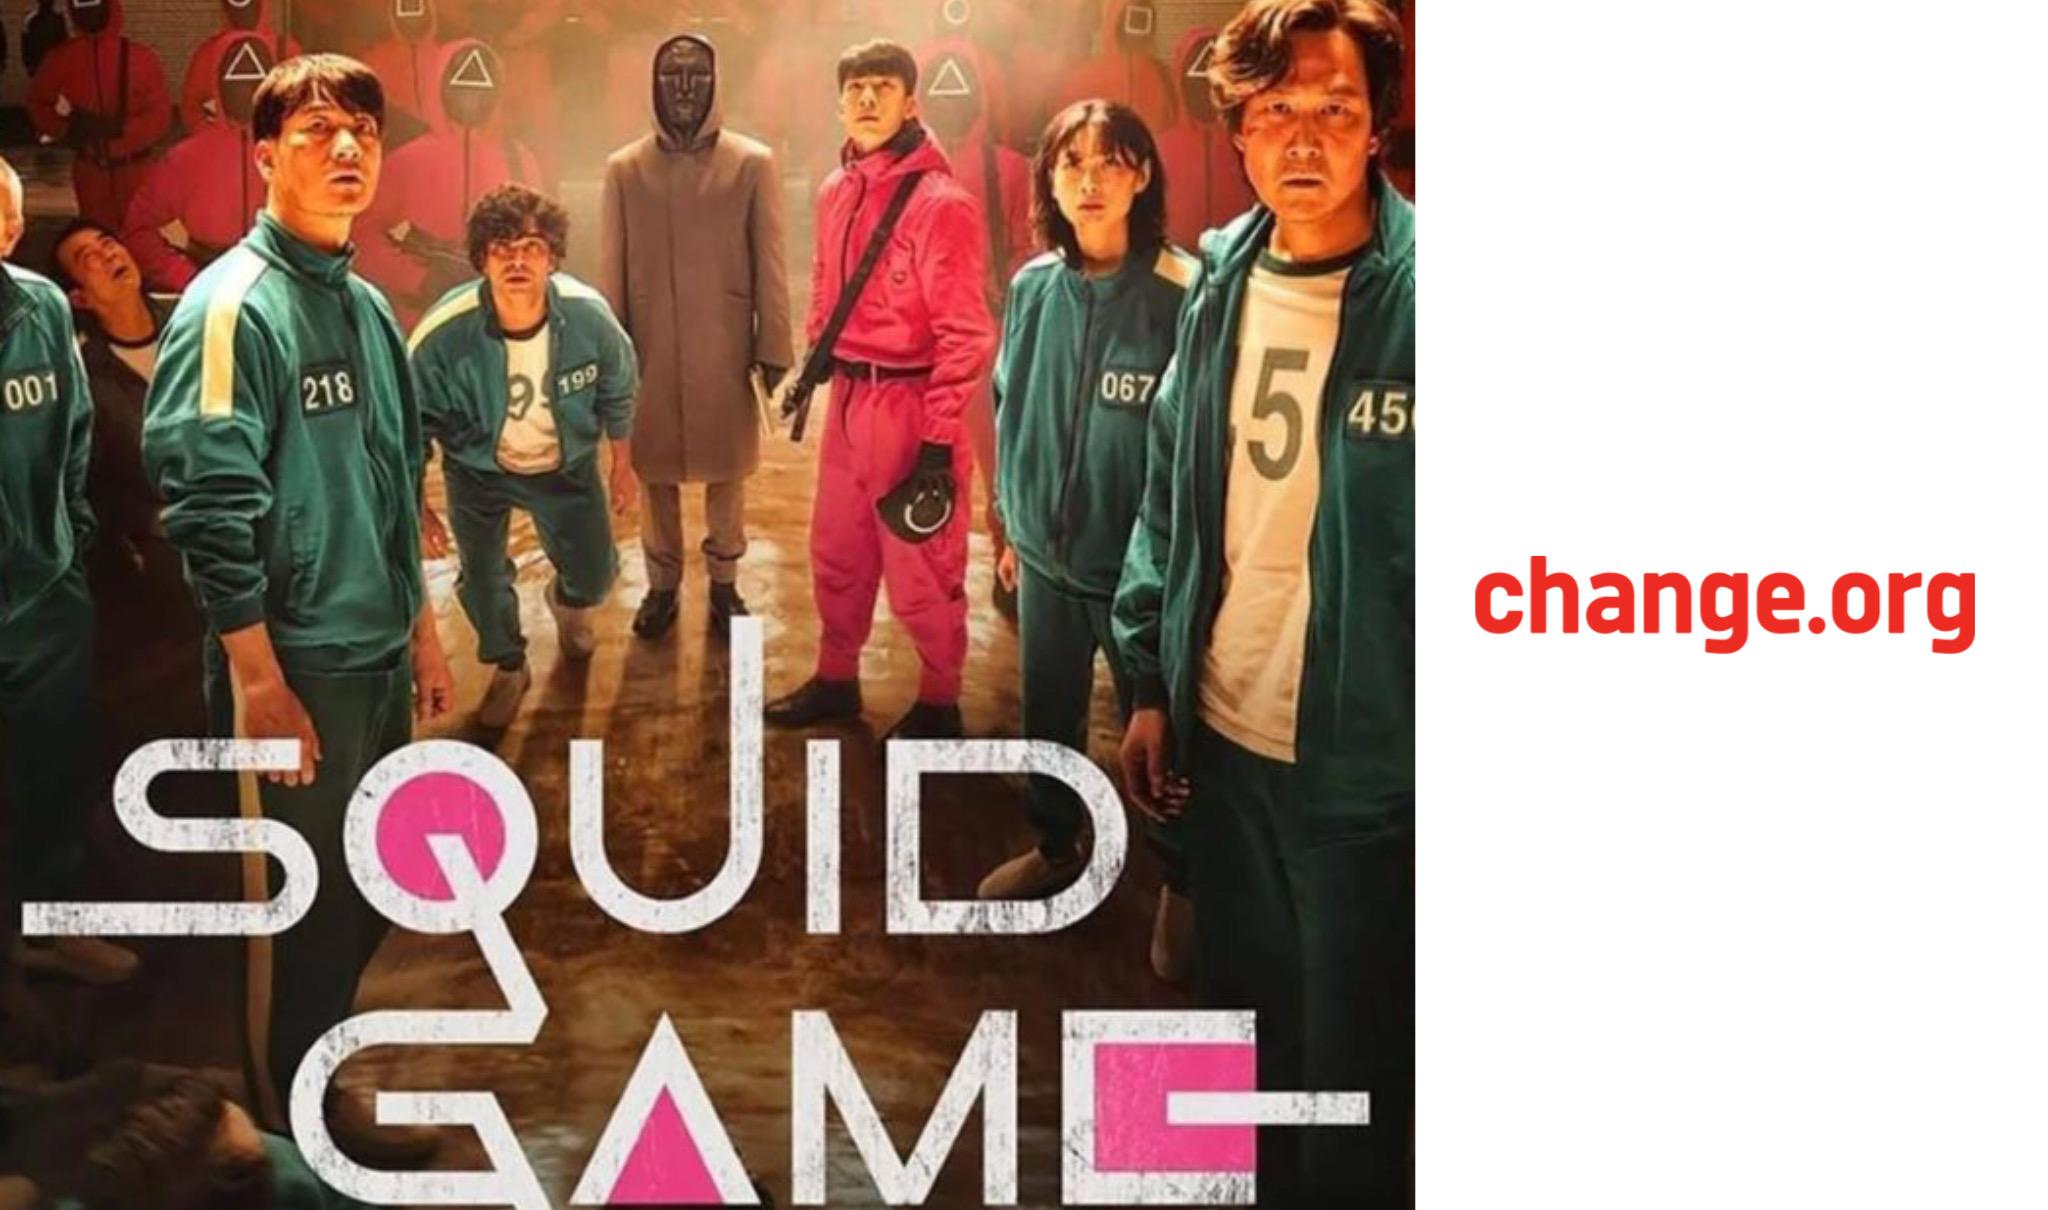 Petizione Squid Game Chane.org